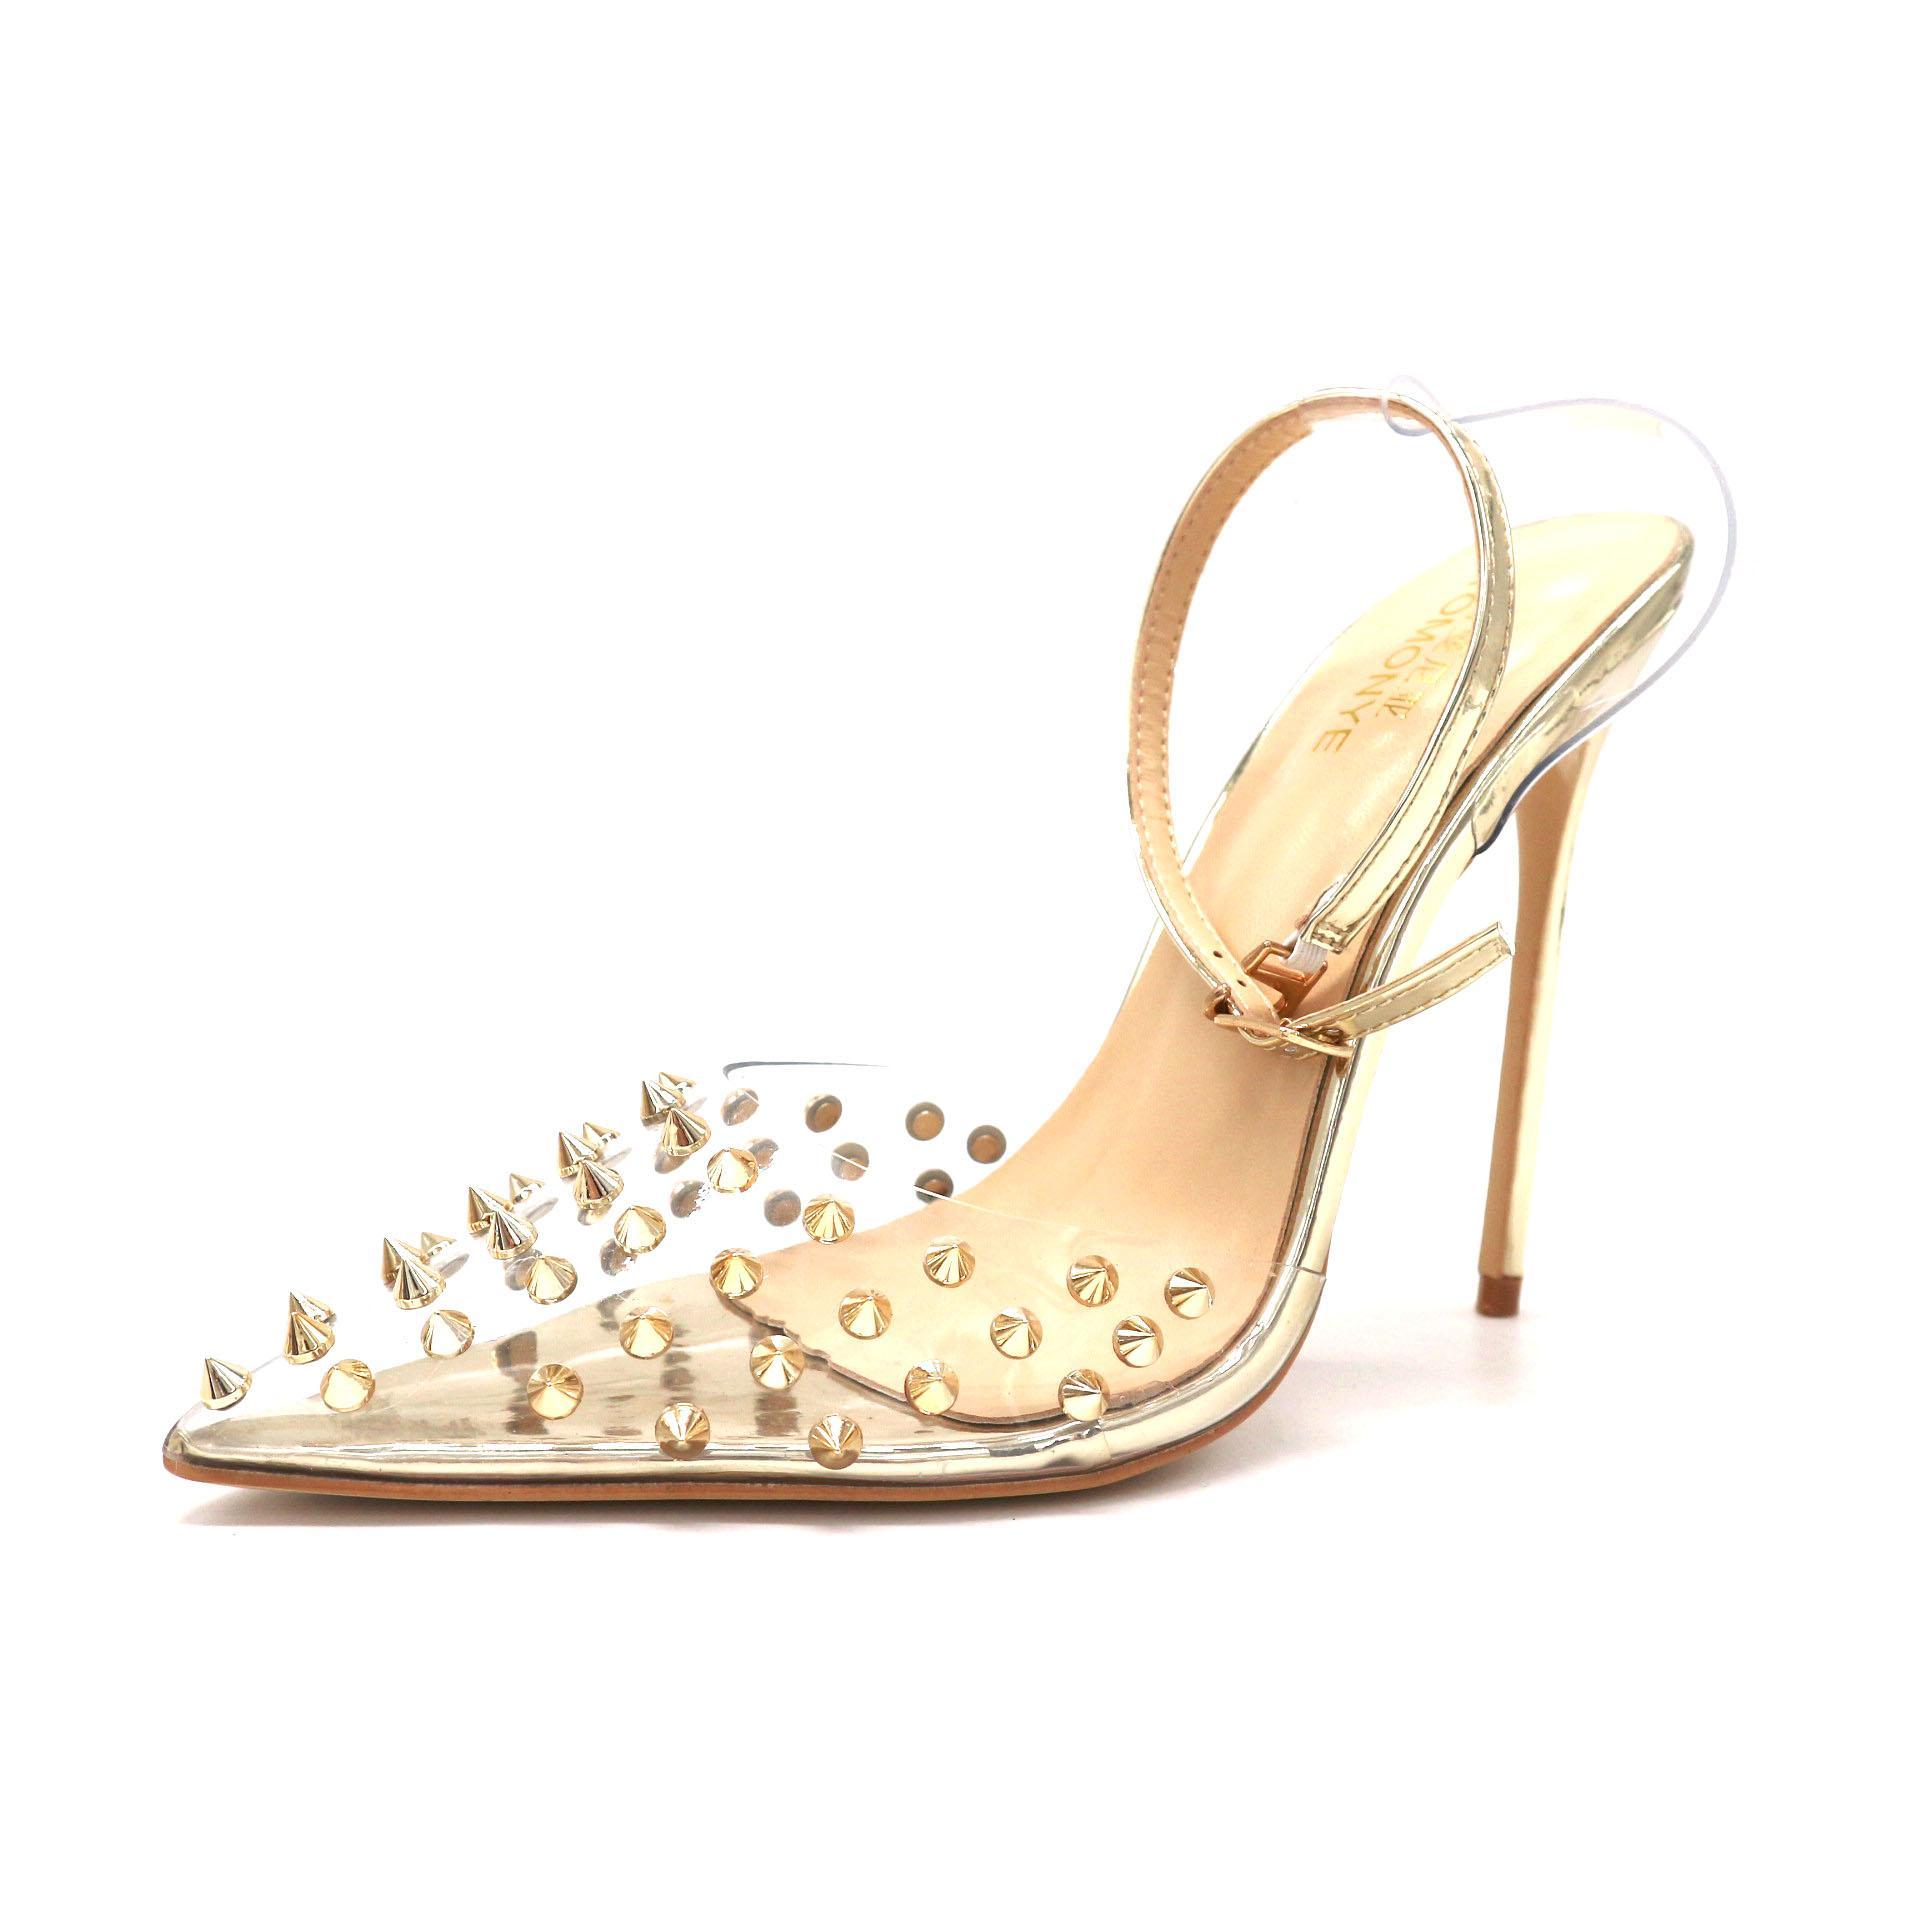 Ücretsiz nakliye moda Kadınlar yüksek topuklu gerçek fotoğraf 12cm altın rugan sıçramalarını perçinler striptizci noktası ayak gelin düğün ayakkabıları pompaları